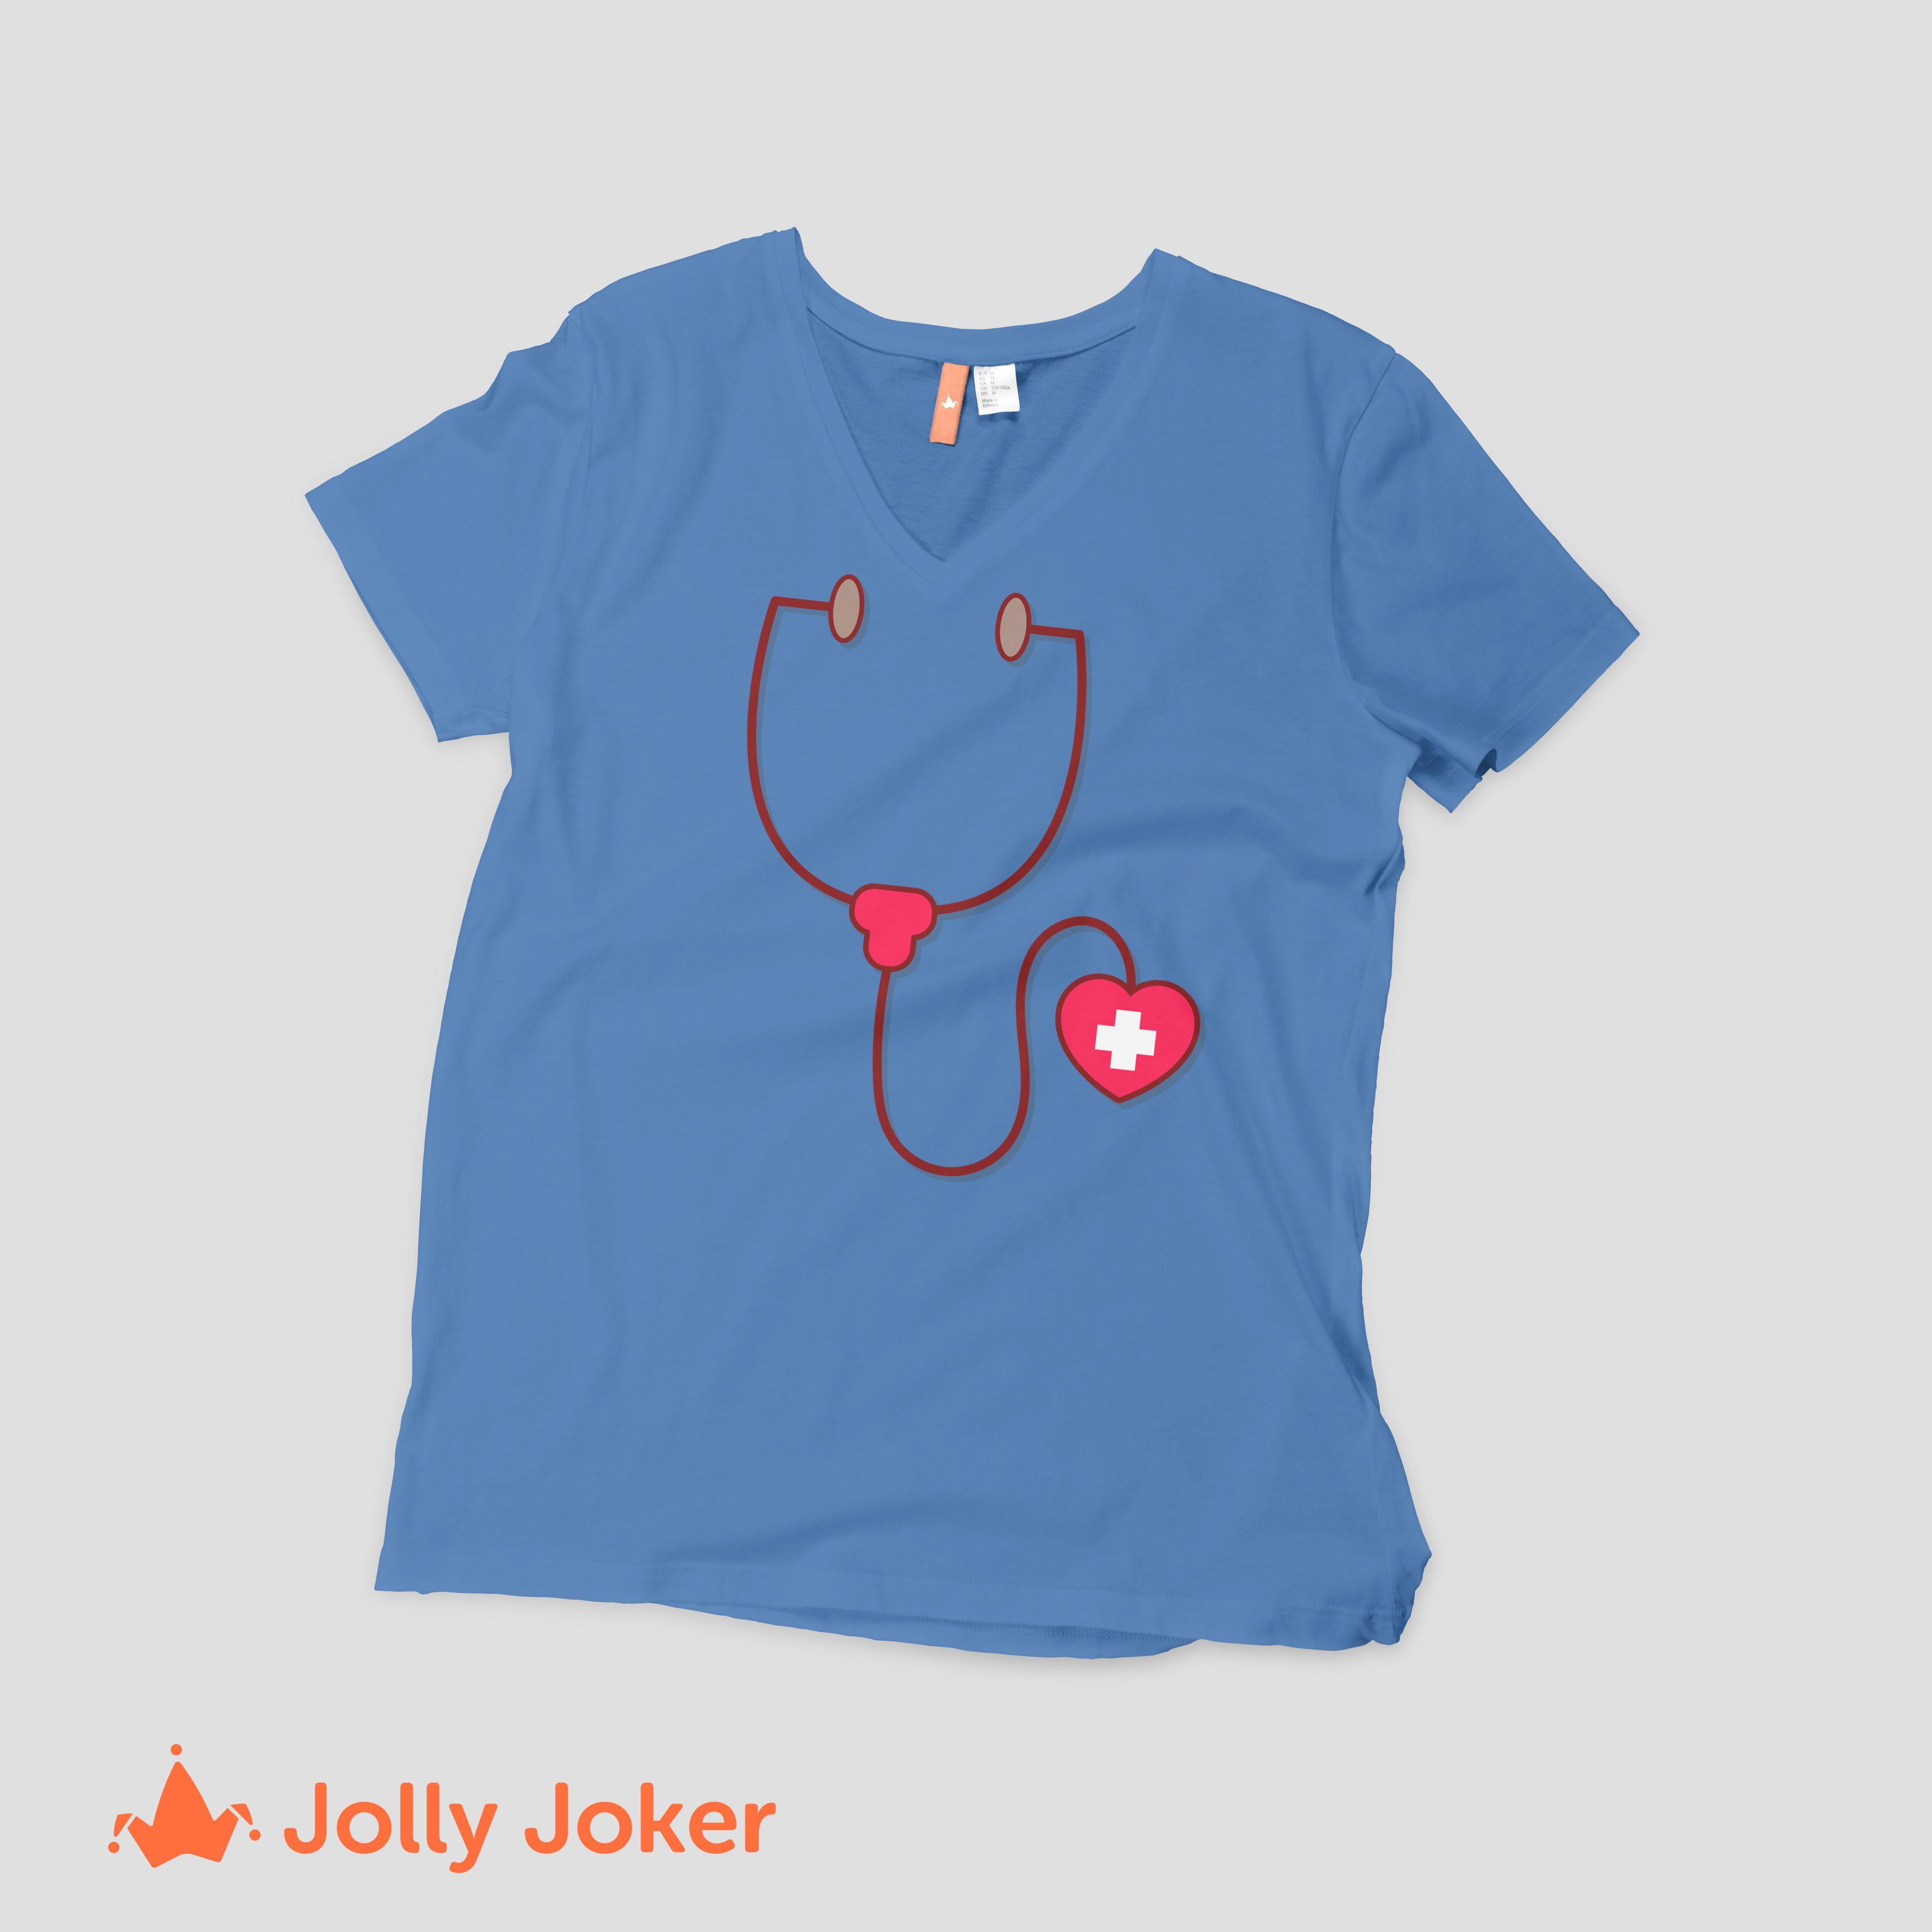 942377f3a7be Estas buscando camisetas para el hospital, sala de emergencia ...